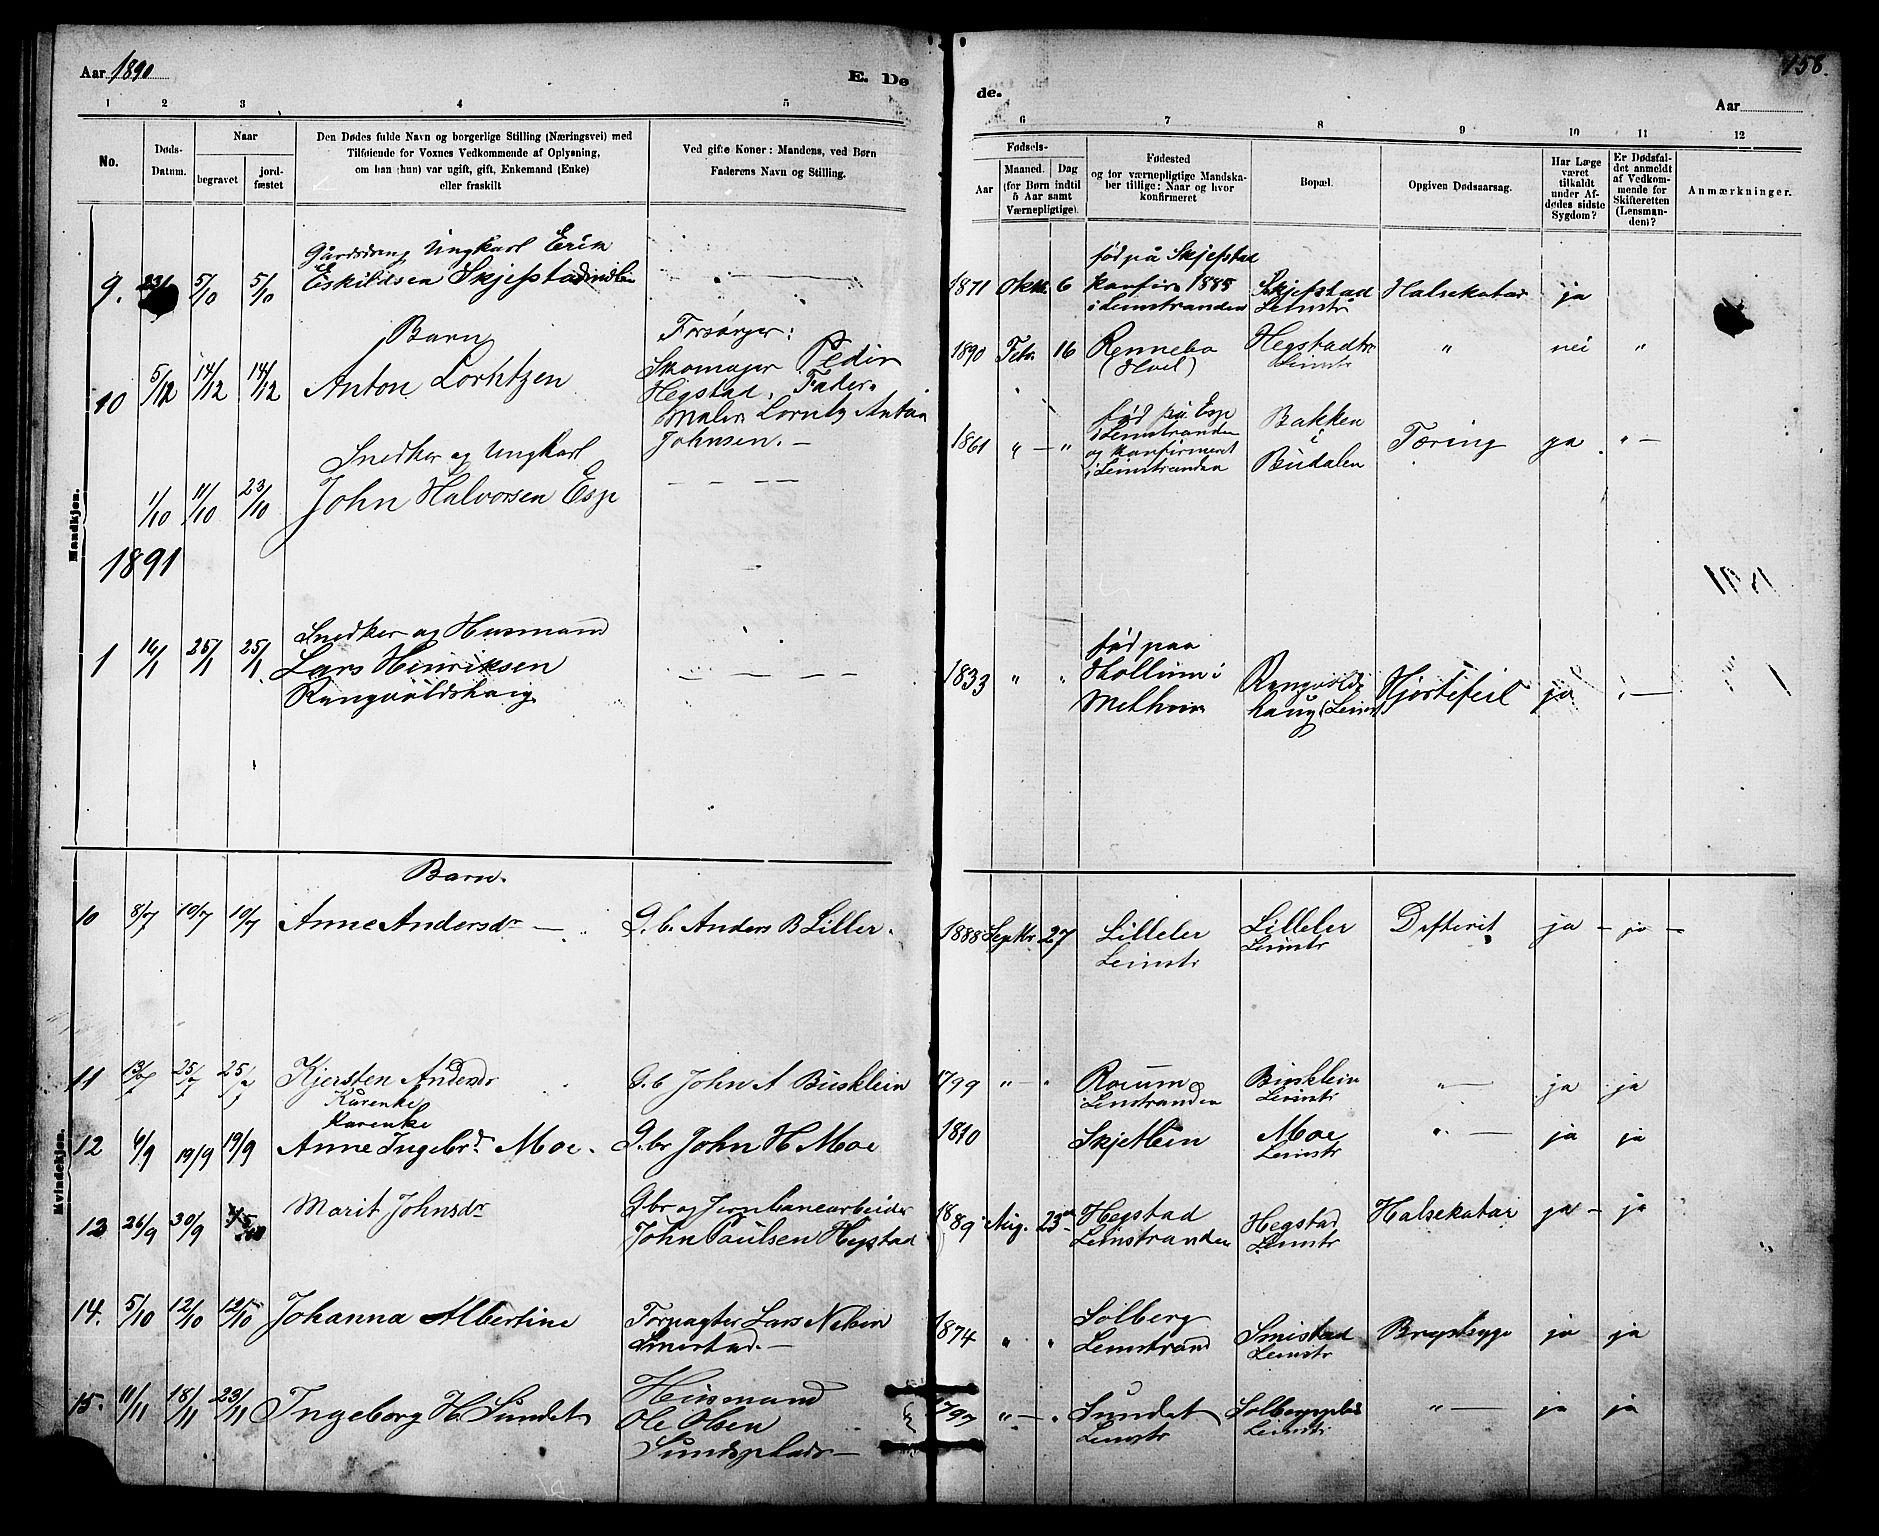 SAT, Ministerialprotokoller, klokkerbøker og fødselsregistre - Sør-Trøndelag, 613/L0395: Klokkerbok nr. 613C03, 1887-1909, s. 158